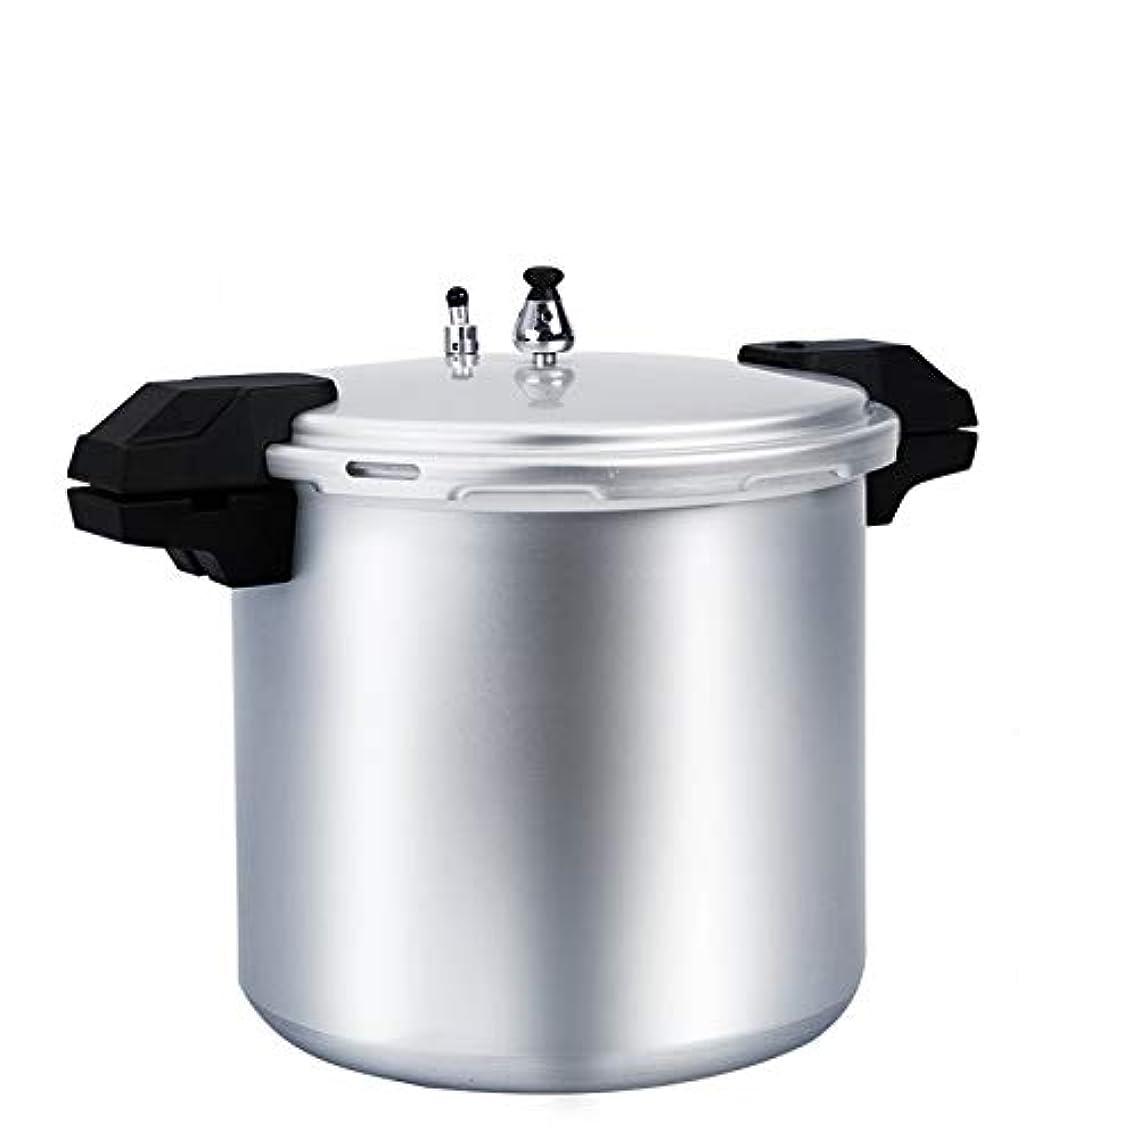 緩む植物の剃る高圧鍋大容量30 cmガスビジネスホテル用大型圧力鍋10人-15人